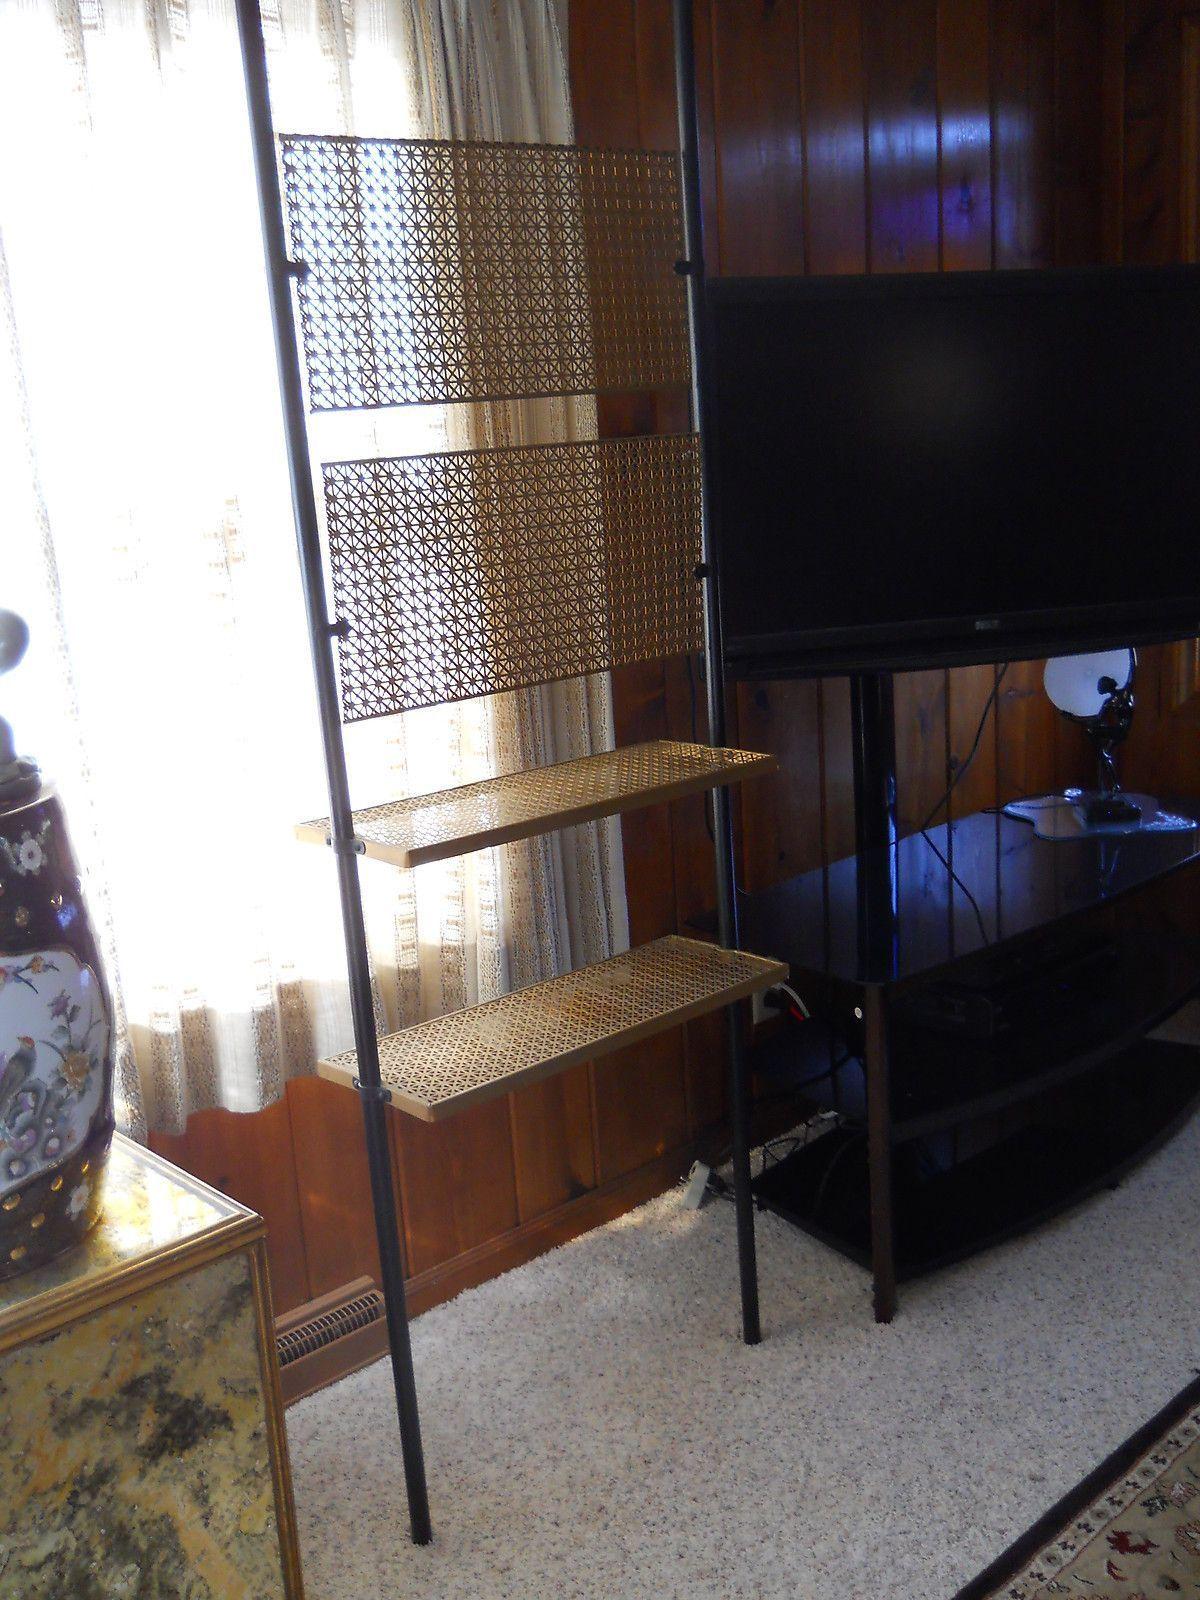 Room divider plants beds room divider kitchen cabinetsroom divider